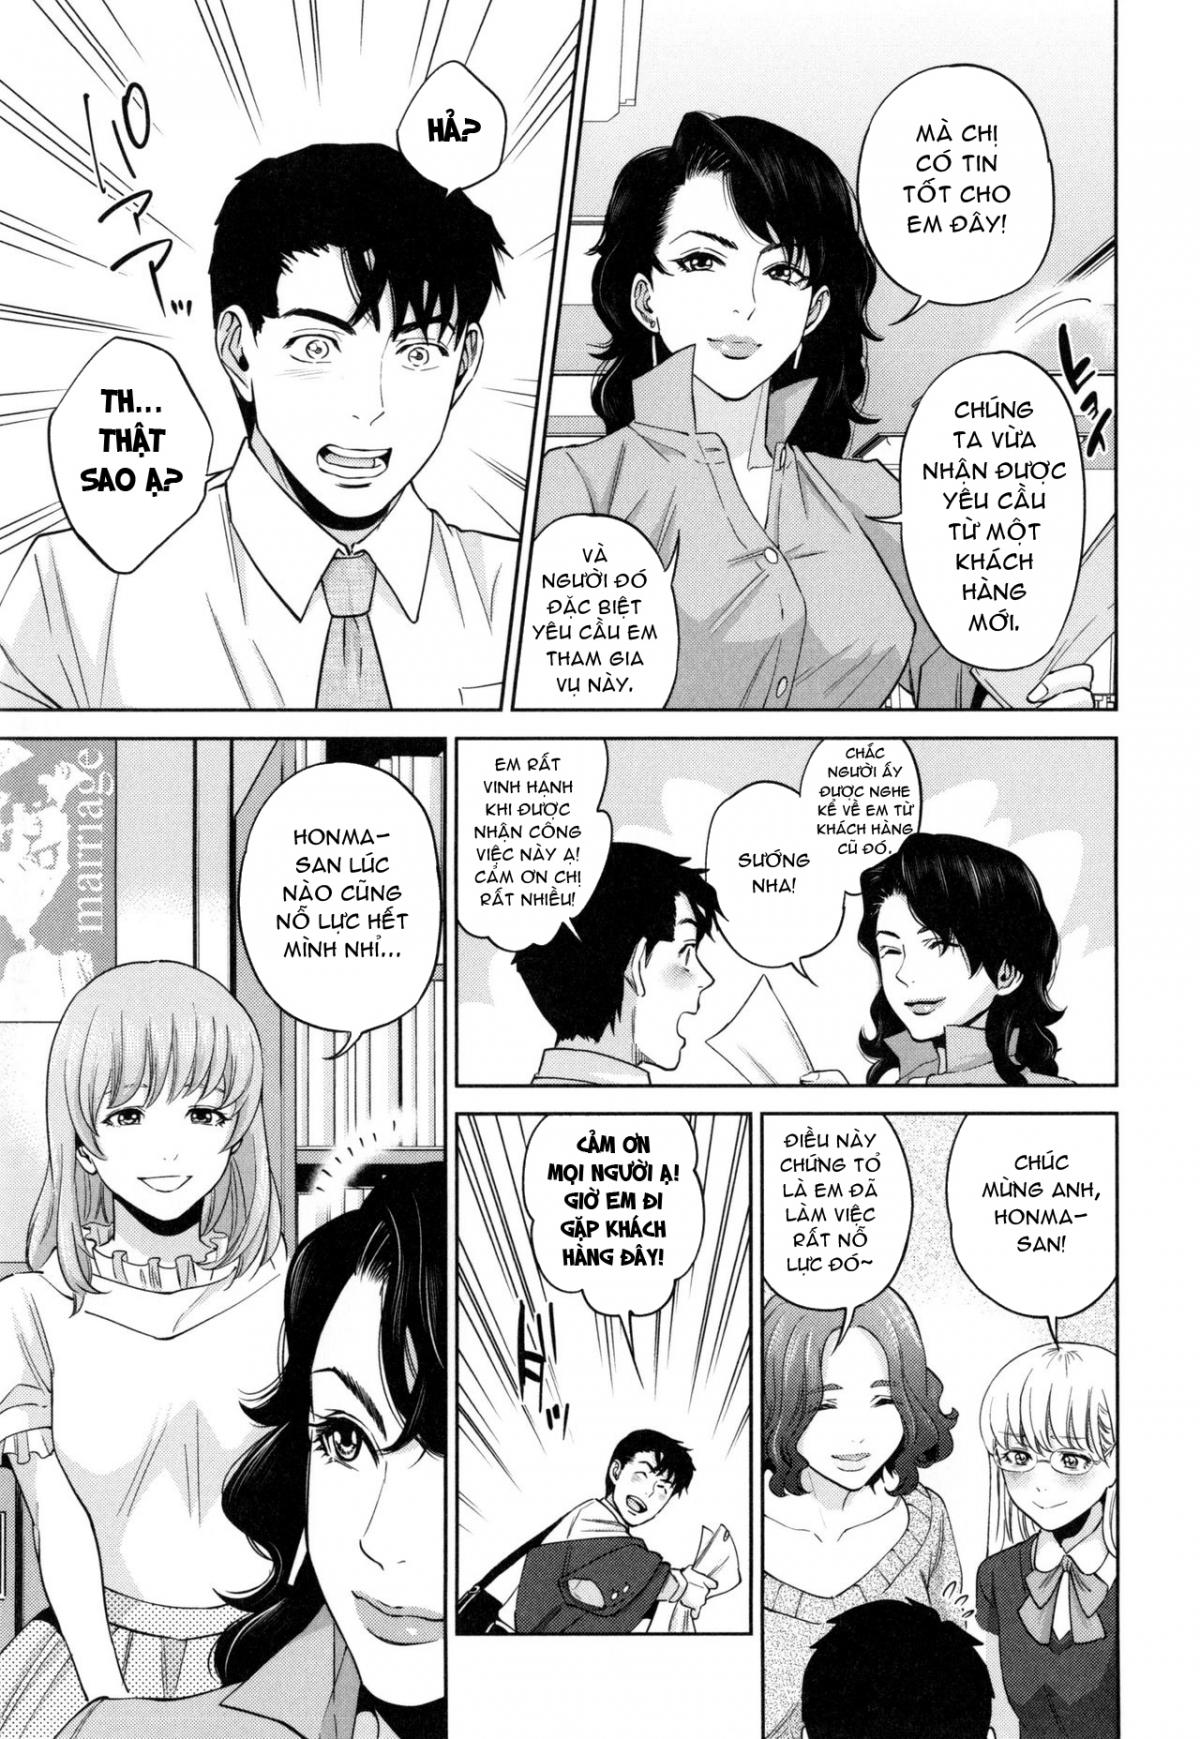 HentaiVN.net - Ảnh 4 - Cuộc Chiến Tình Yêu Nơi Công Sở - Office Love Scramble; オフィスラブ・スクランブル - Chap 6 [Harem End]